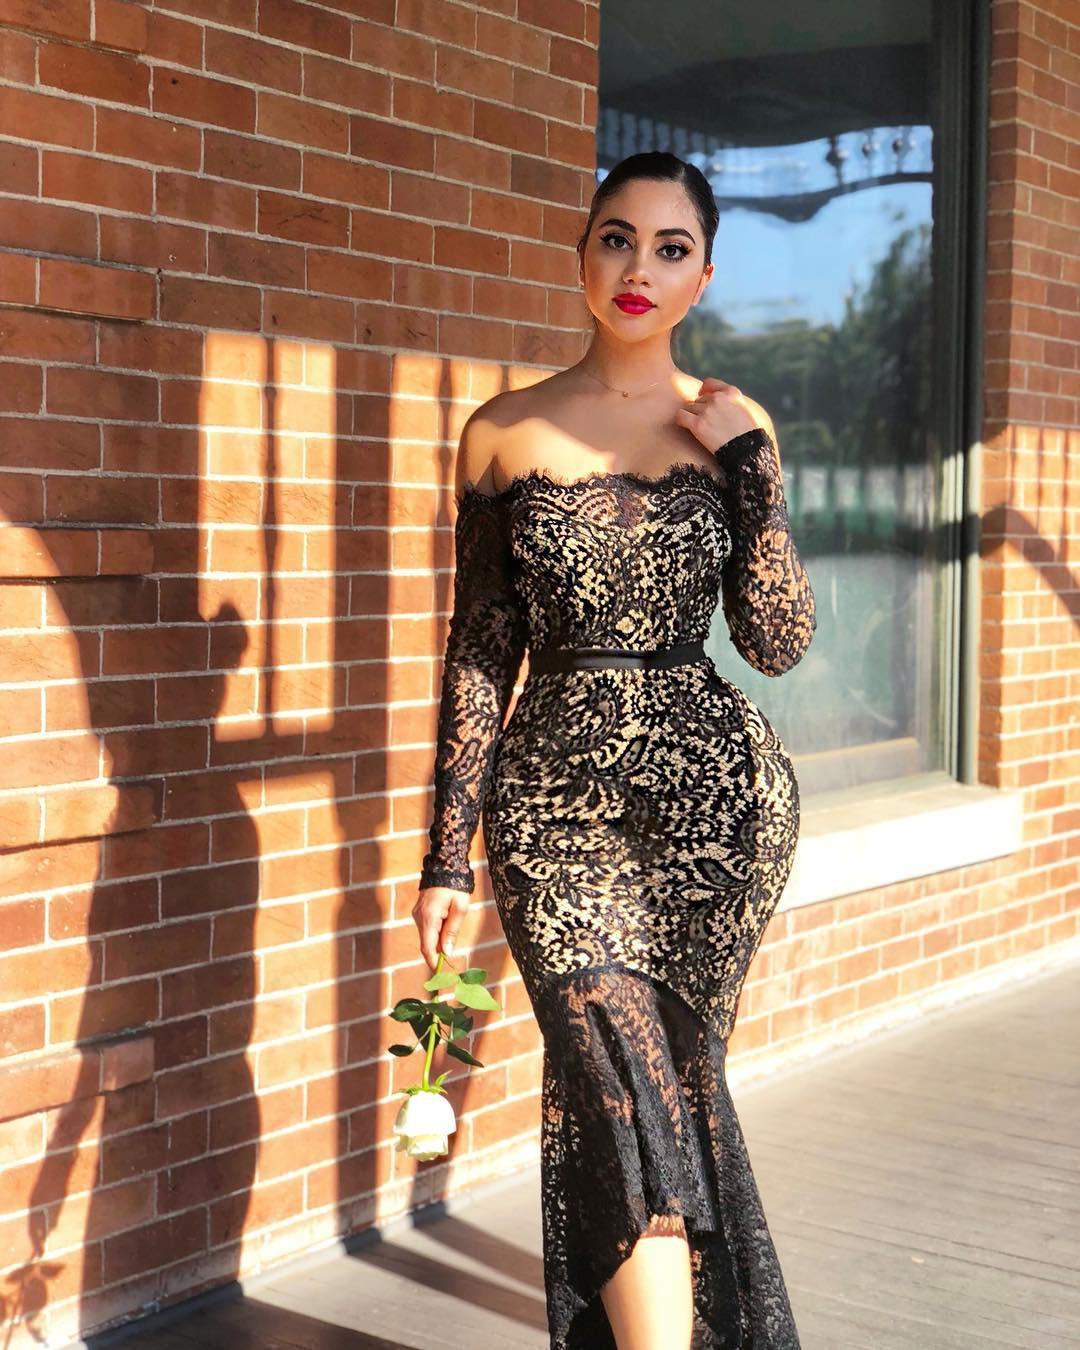 Jailyne Ojeda Ochoa Hot Pics, Jailyne Ojeda Ochoa